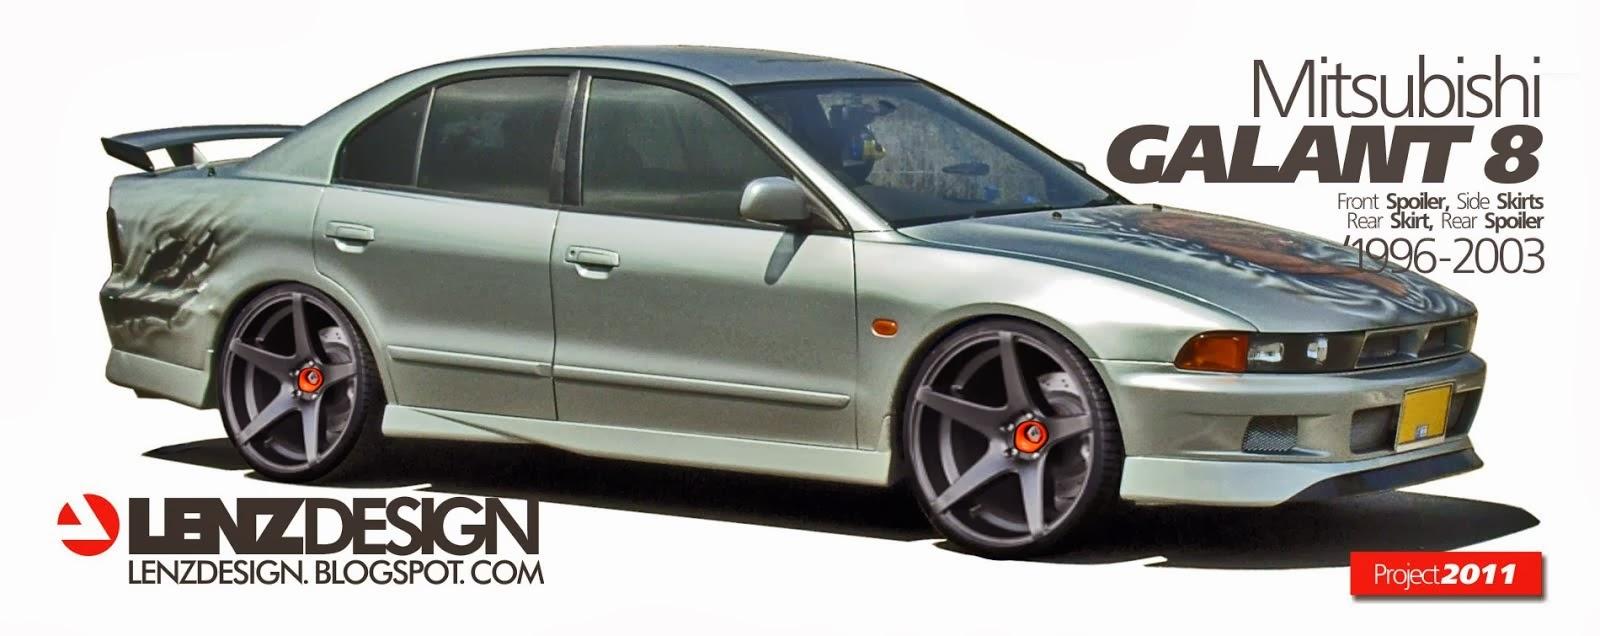 Mitsubishi Galant 8  '1996-2003